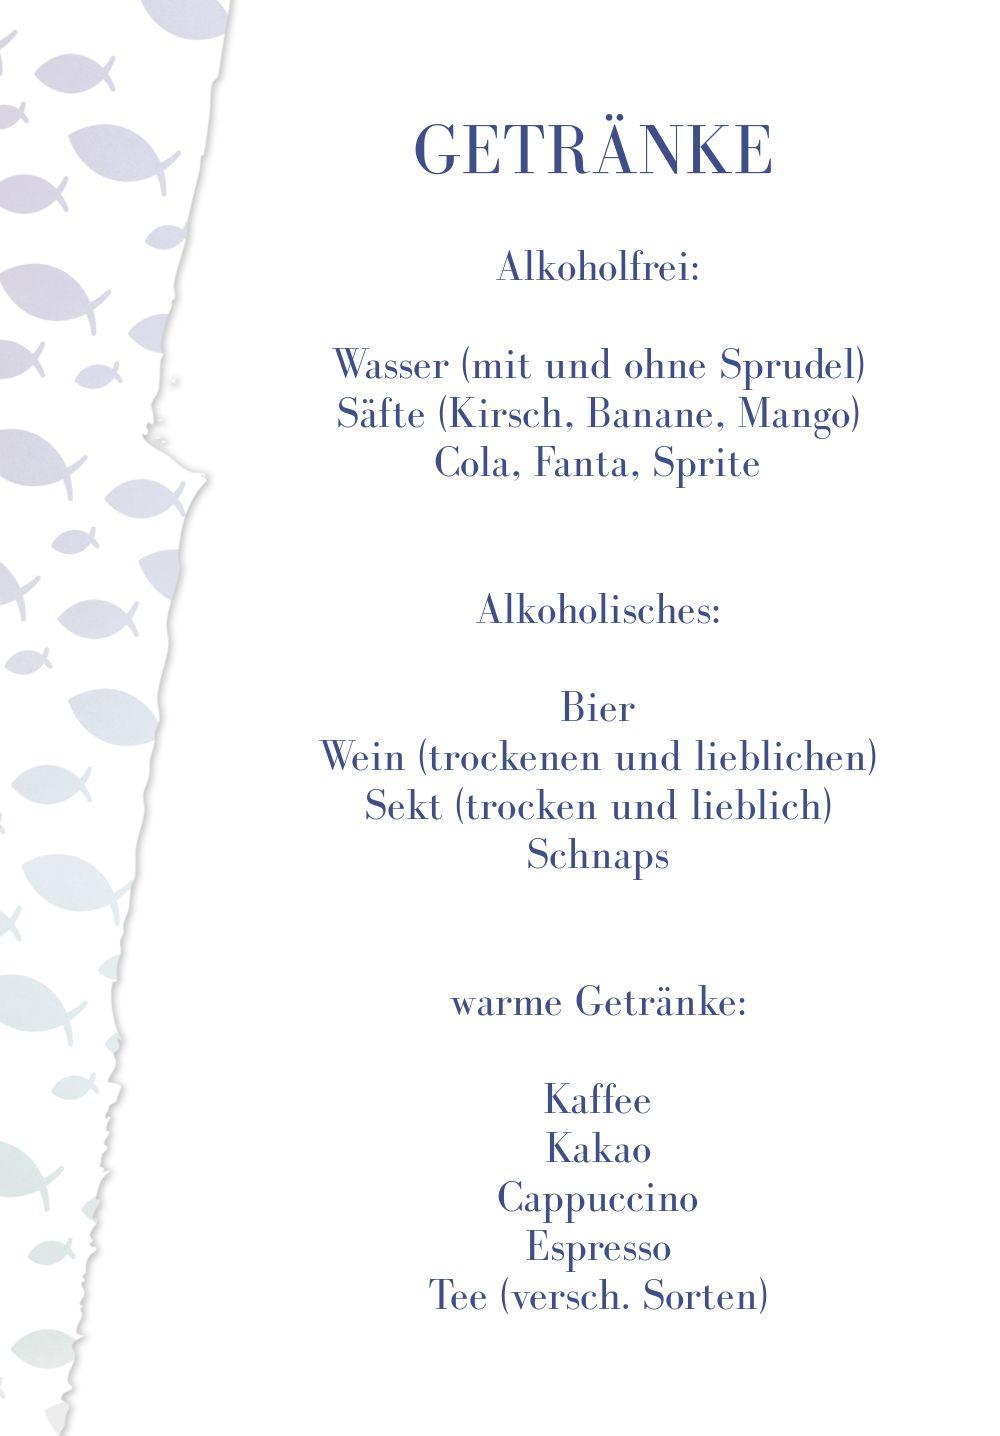 Ansicht 4 - Kommunion Menükarte Himmelreich